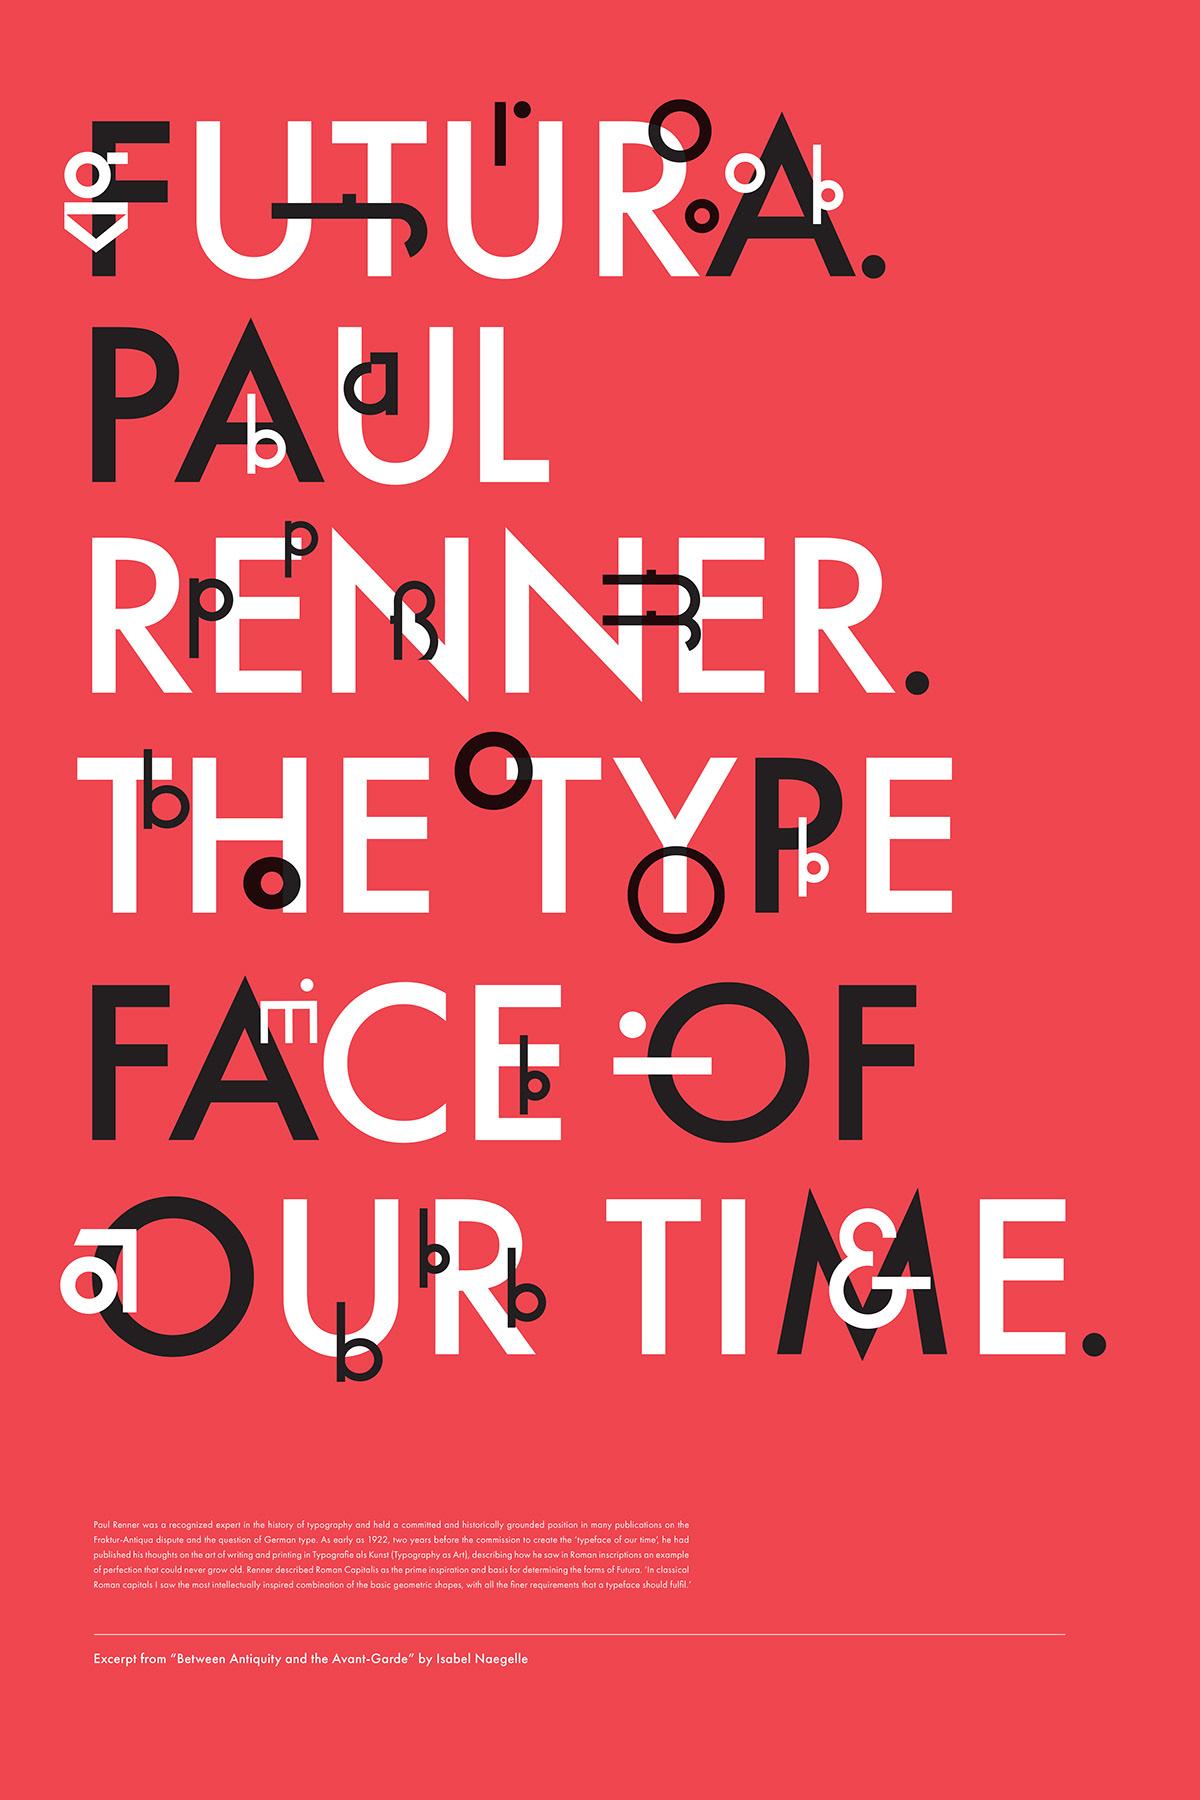 jazz jazz music Typeface type poster type Futura Futura type poster futura poster paul renner